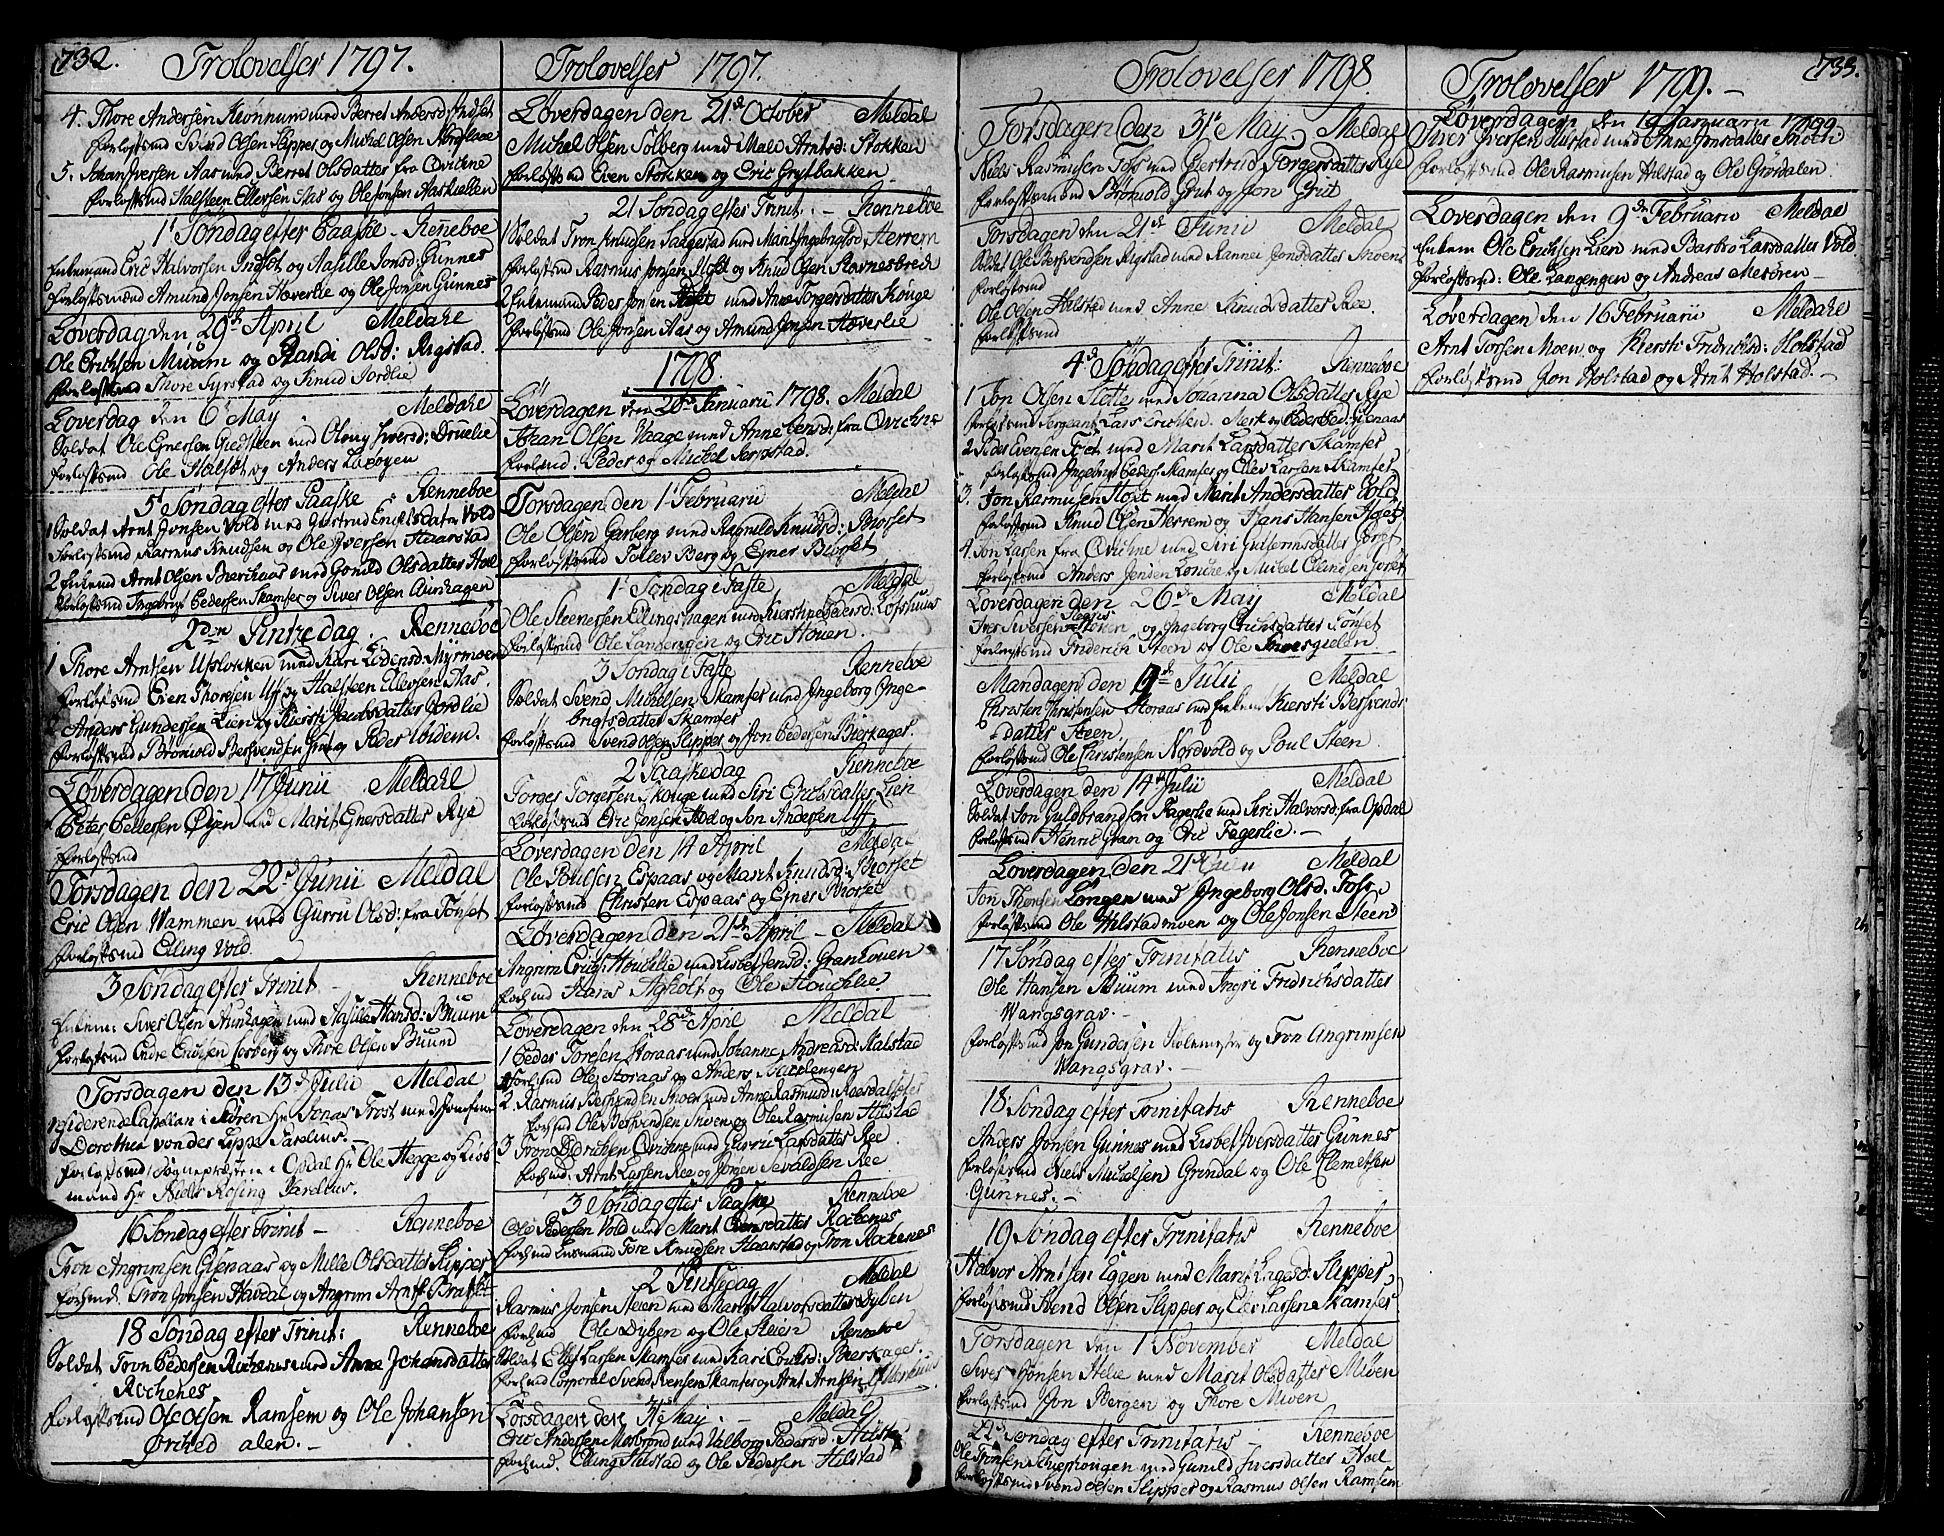 SAT, Ministerialprotokoller, klokkerbøker og fødselsregistre - Sør-Trøndelag, 672/L0852: Ministerialbok nr. 672A05, 1776-1815, s. 732-733